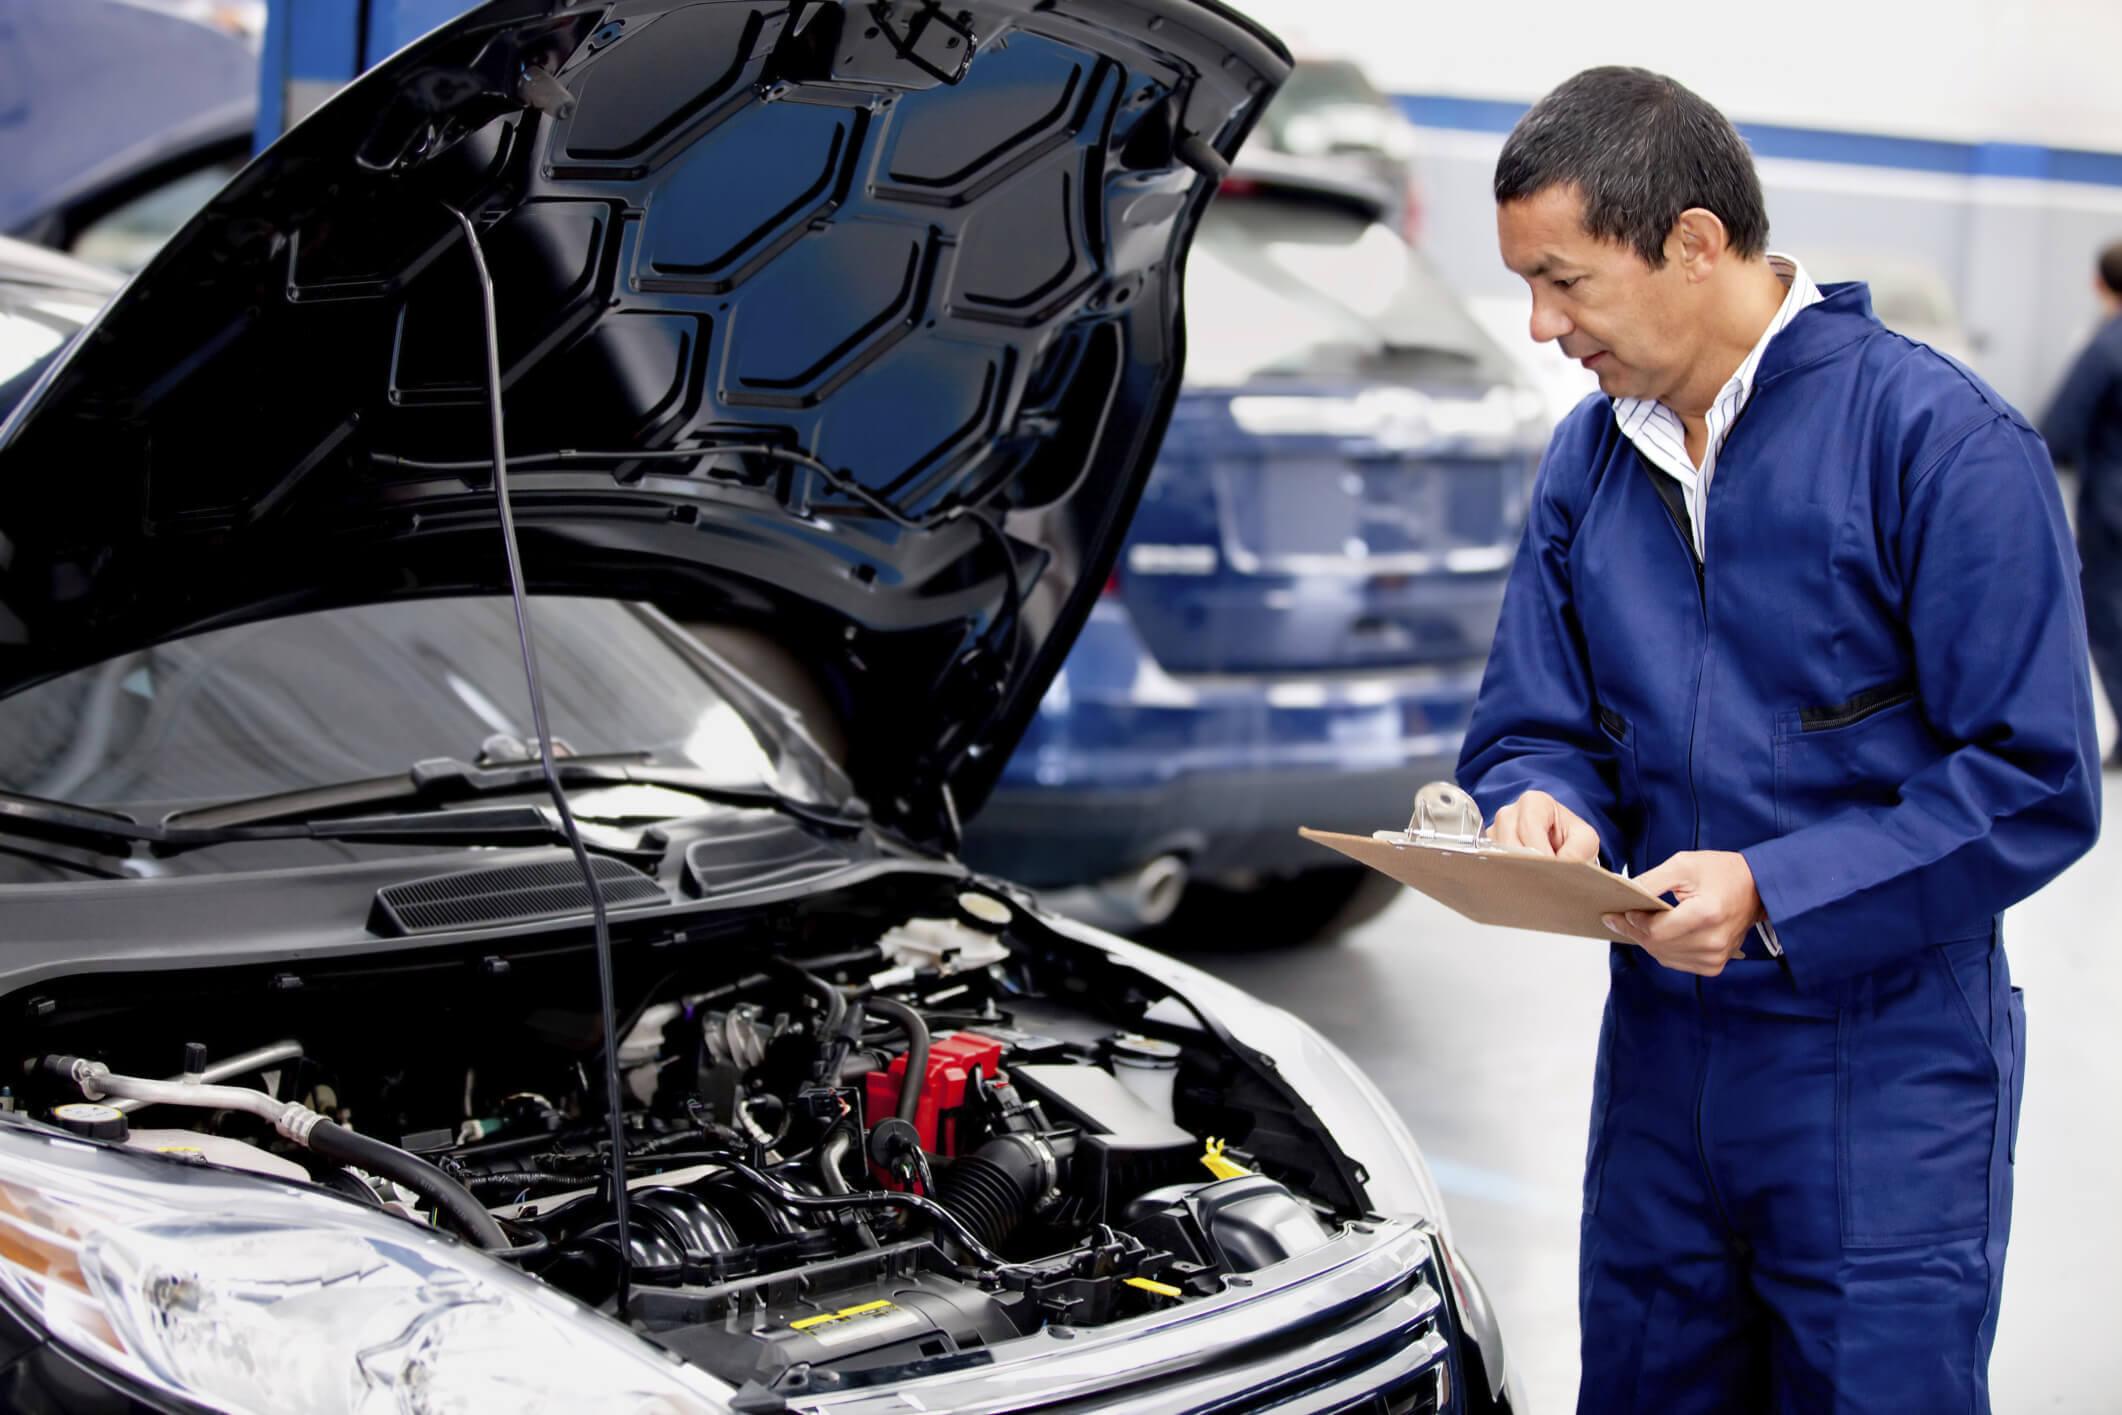 Honda Repair Shop In Plano Texas